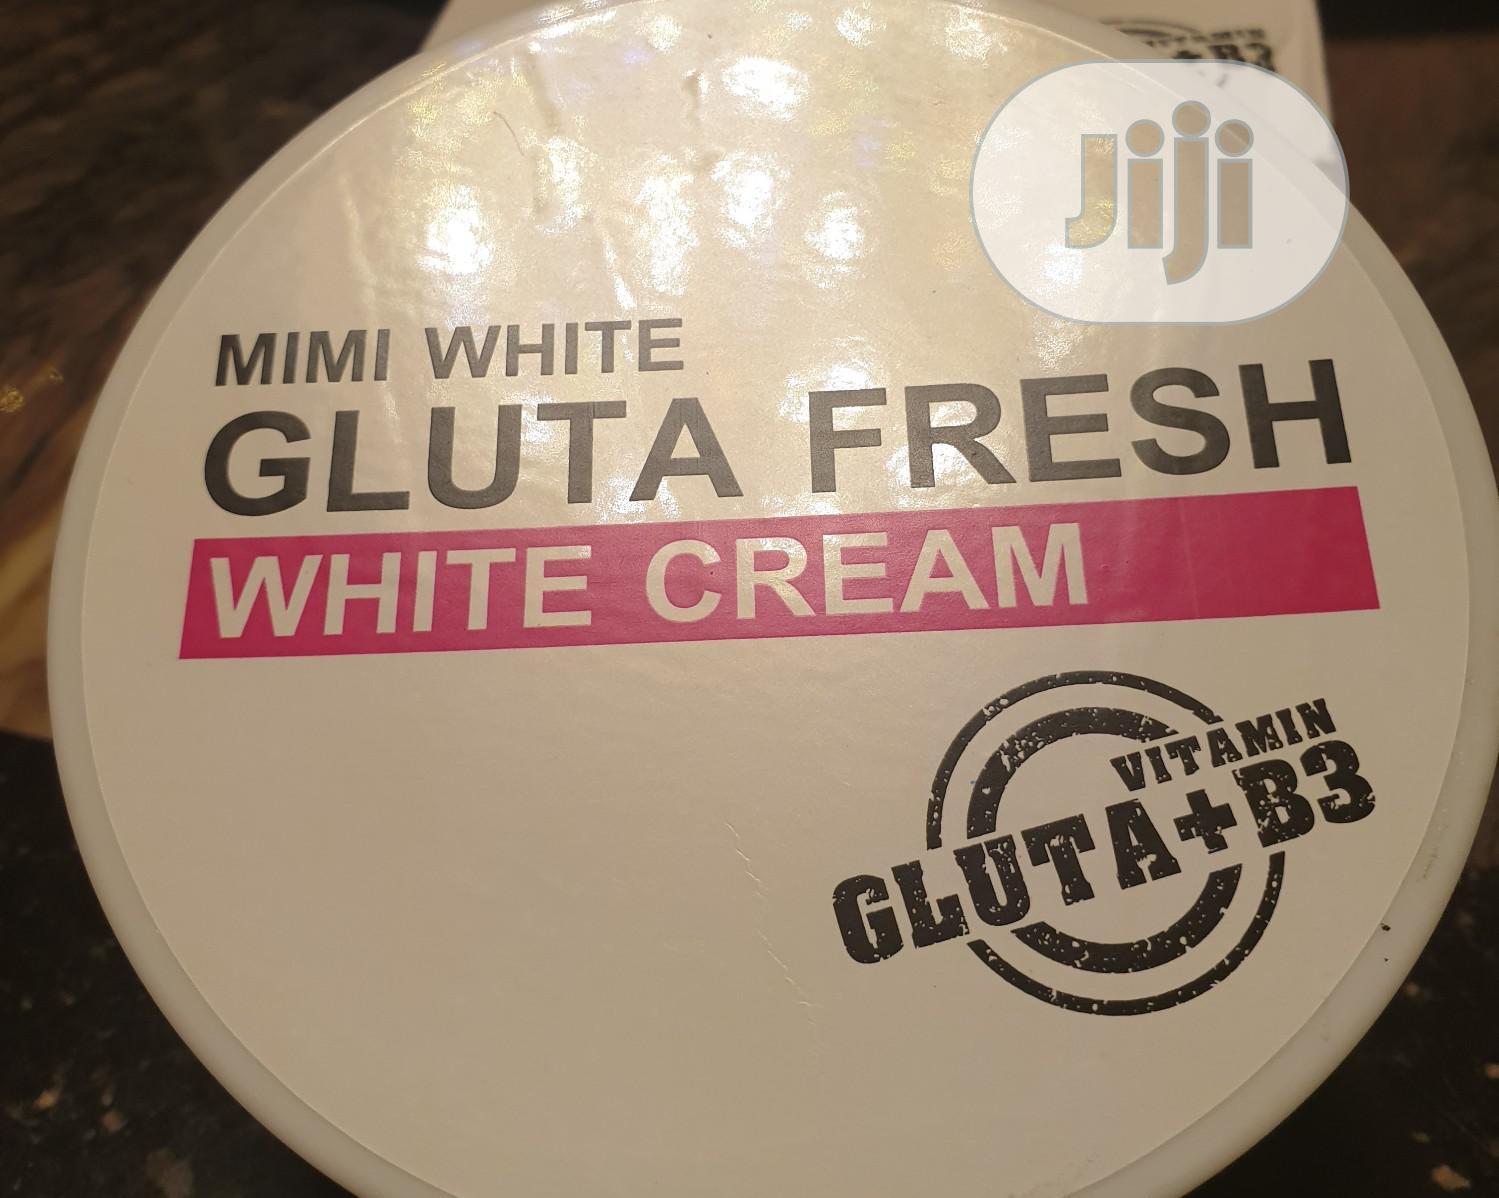 Mimi White Gluta Fresh